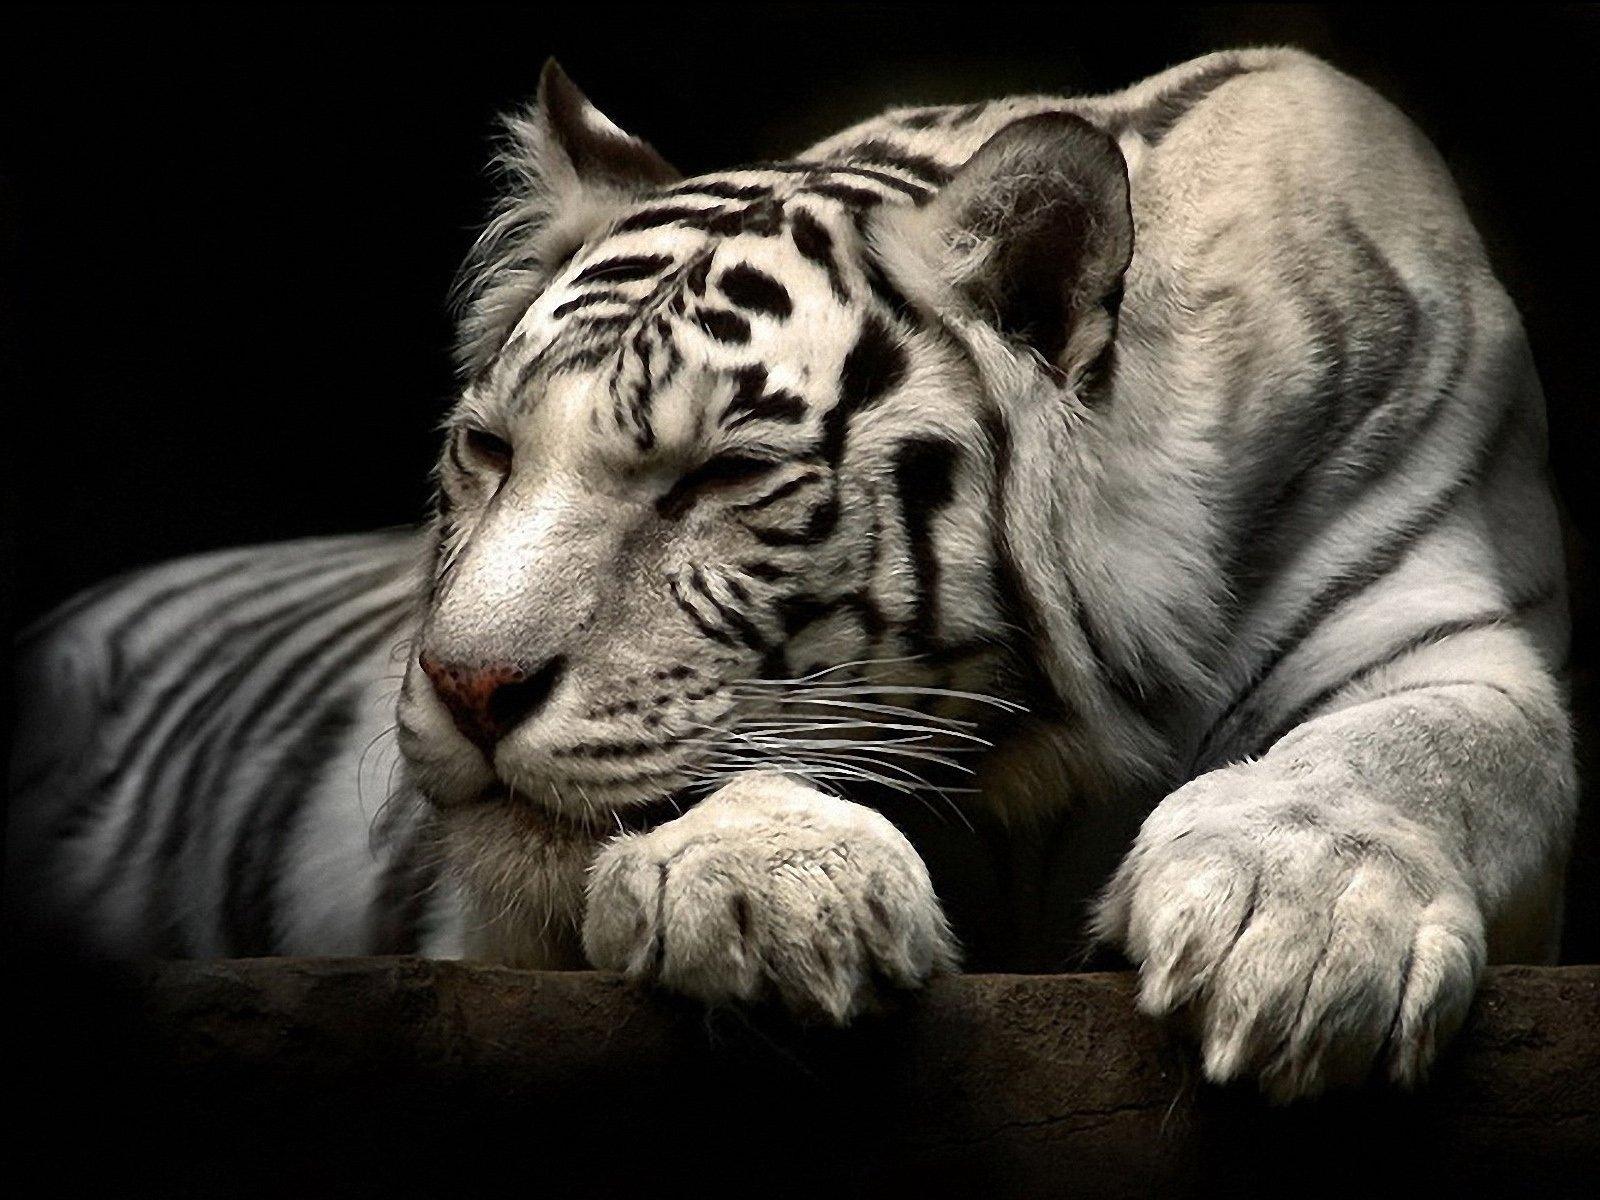 Картинка на рабочий стол тигр (11)